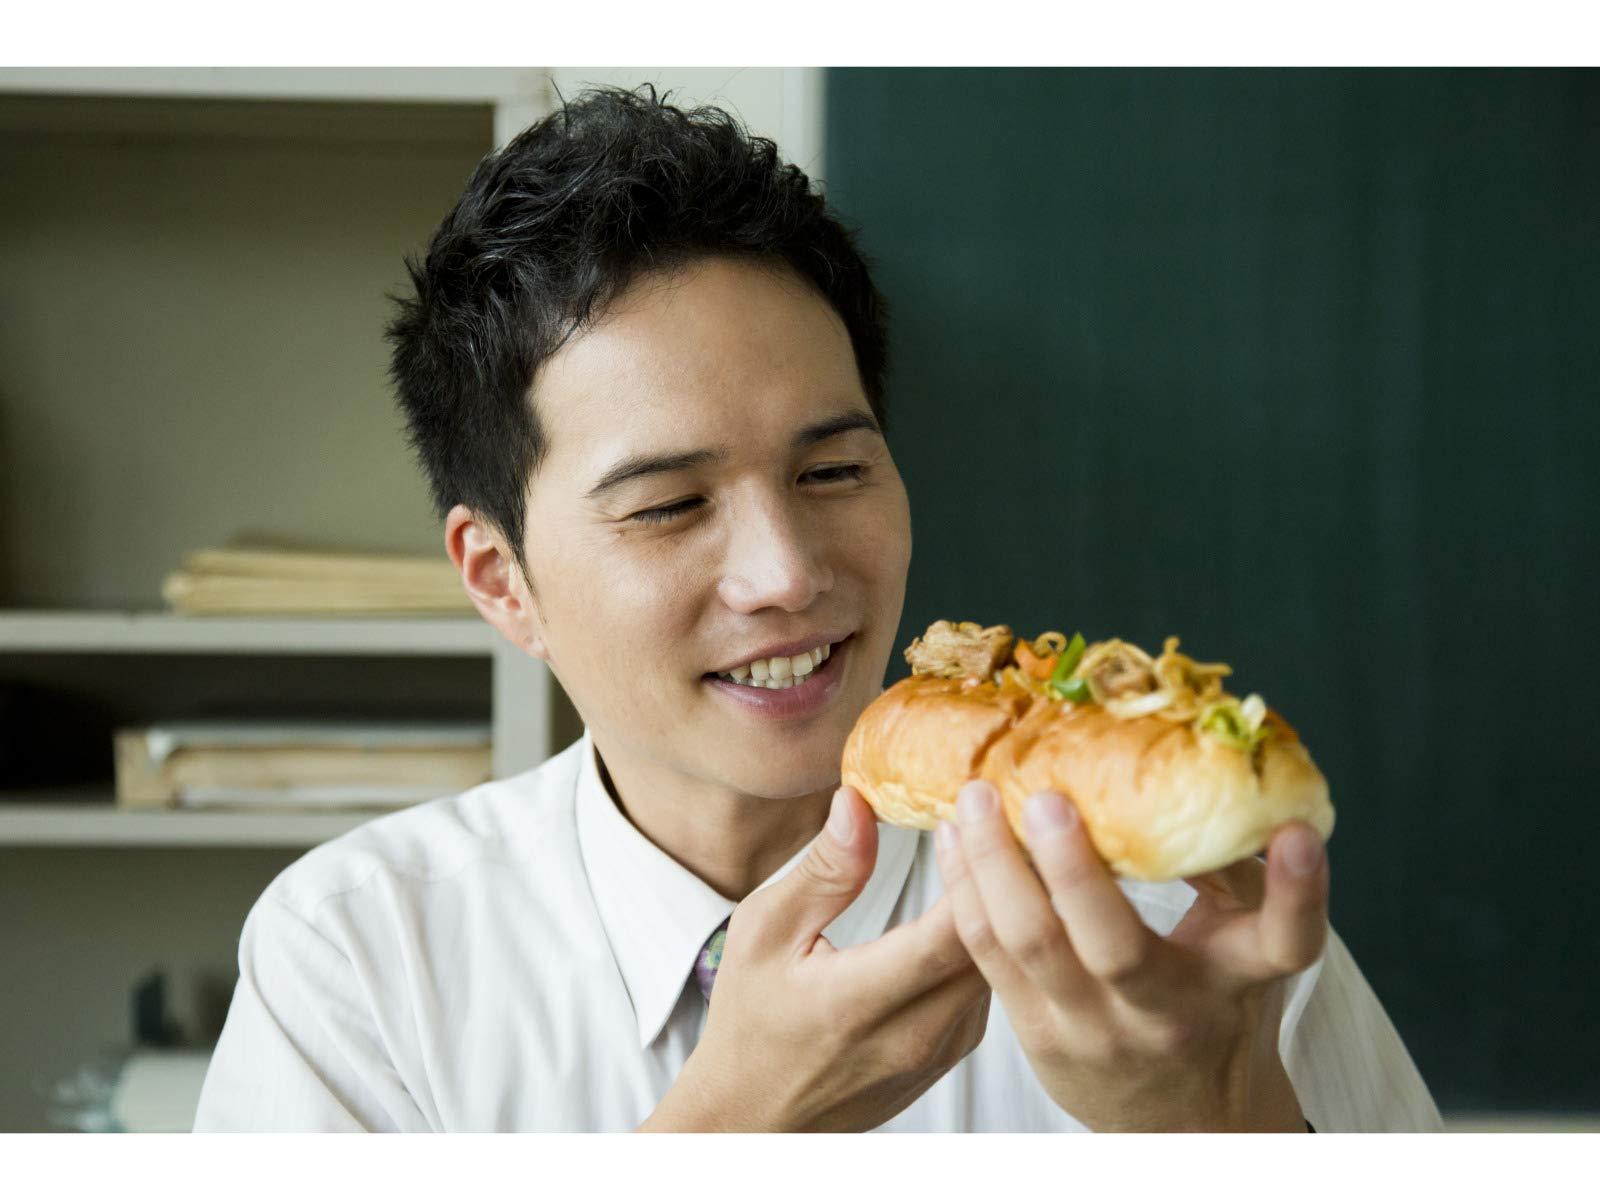 給食 おいしい おいしい給食|面白い?つまらない?感想や口コミ、SNS反応紹介!|Life is